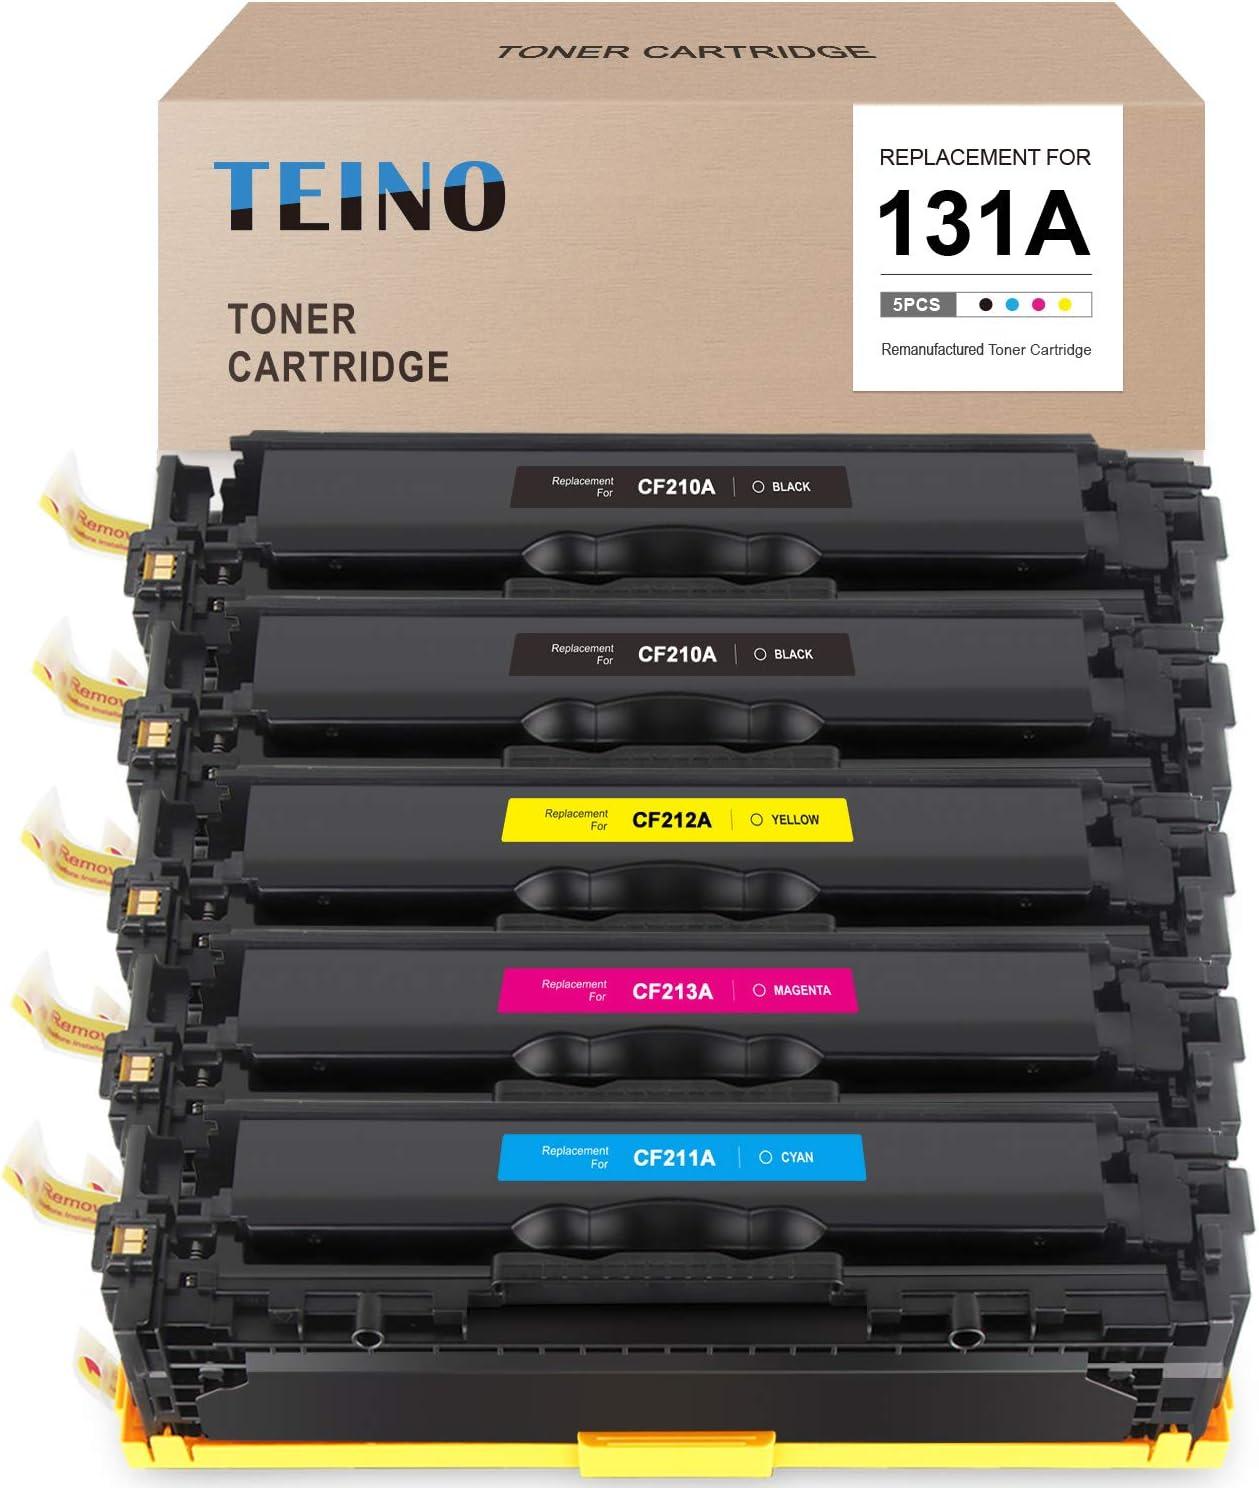 TEINO Remanufactured Toner Cartridge Replacement for HP 131A CF210A CF211A CF212A CF213A use with HP Laserjet Pro 200 Color M251nw M251n MFP M276nw M276n (Black Cyan Magenta Yellow, 5-Pack)